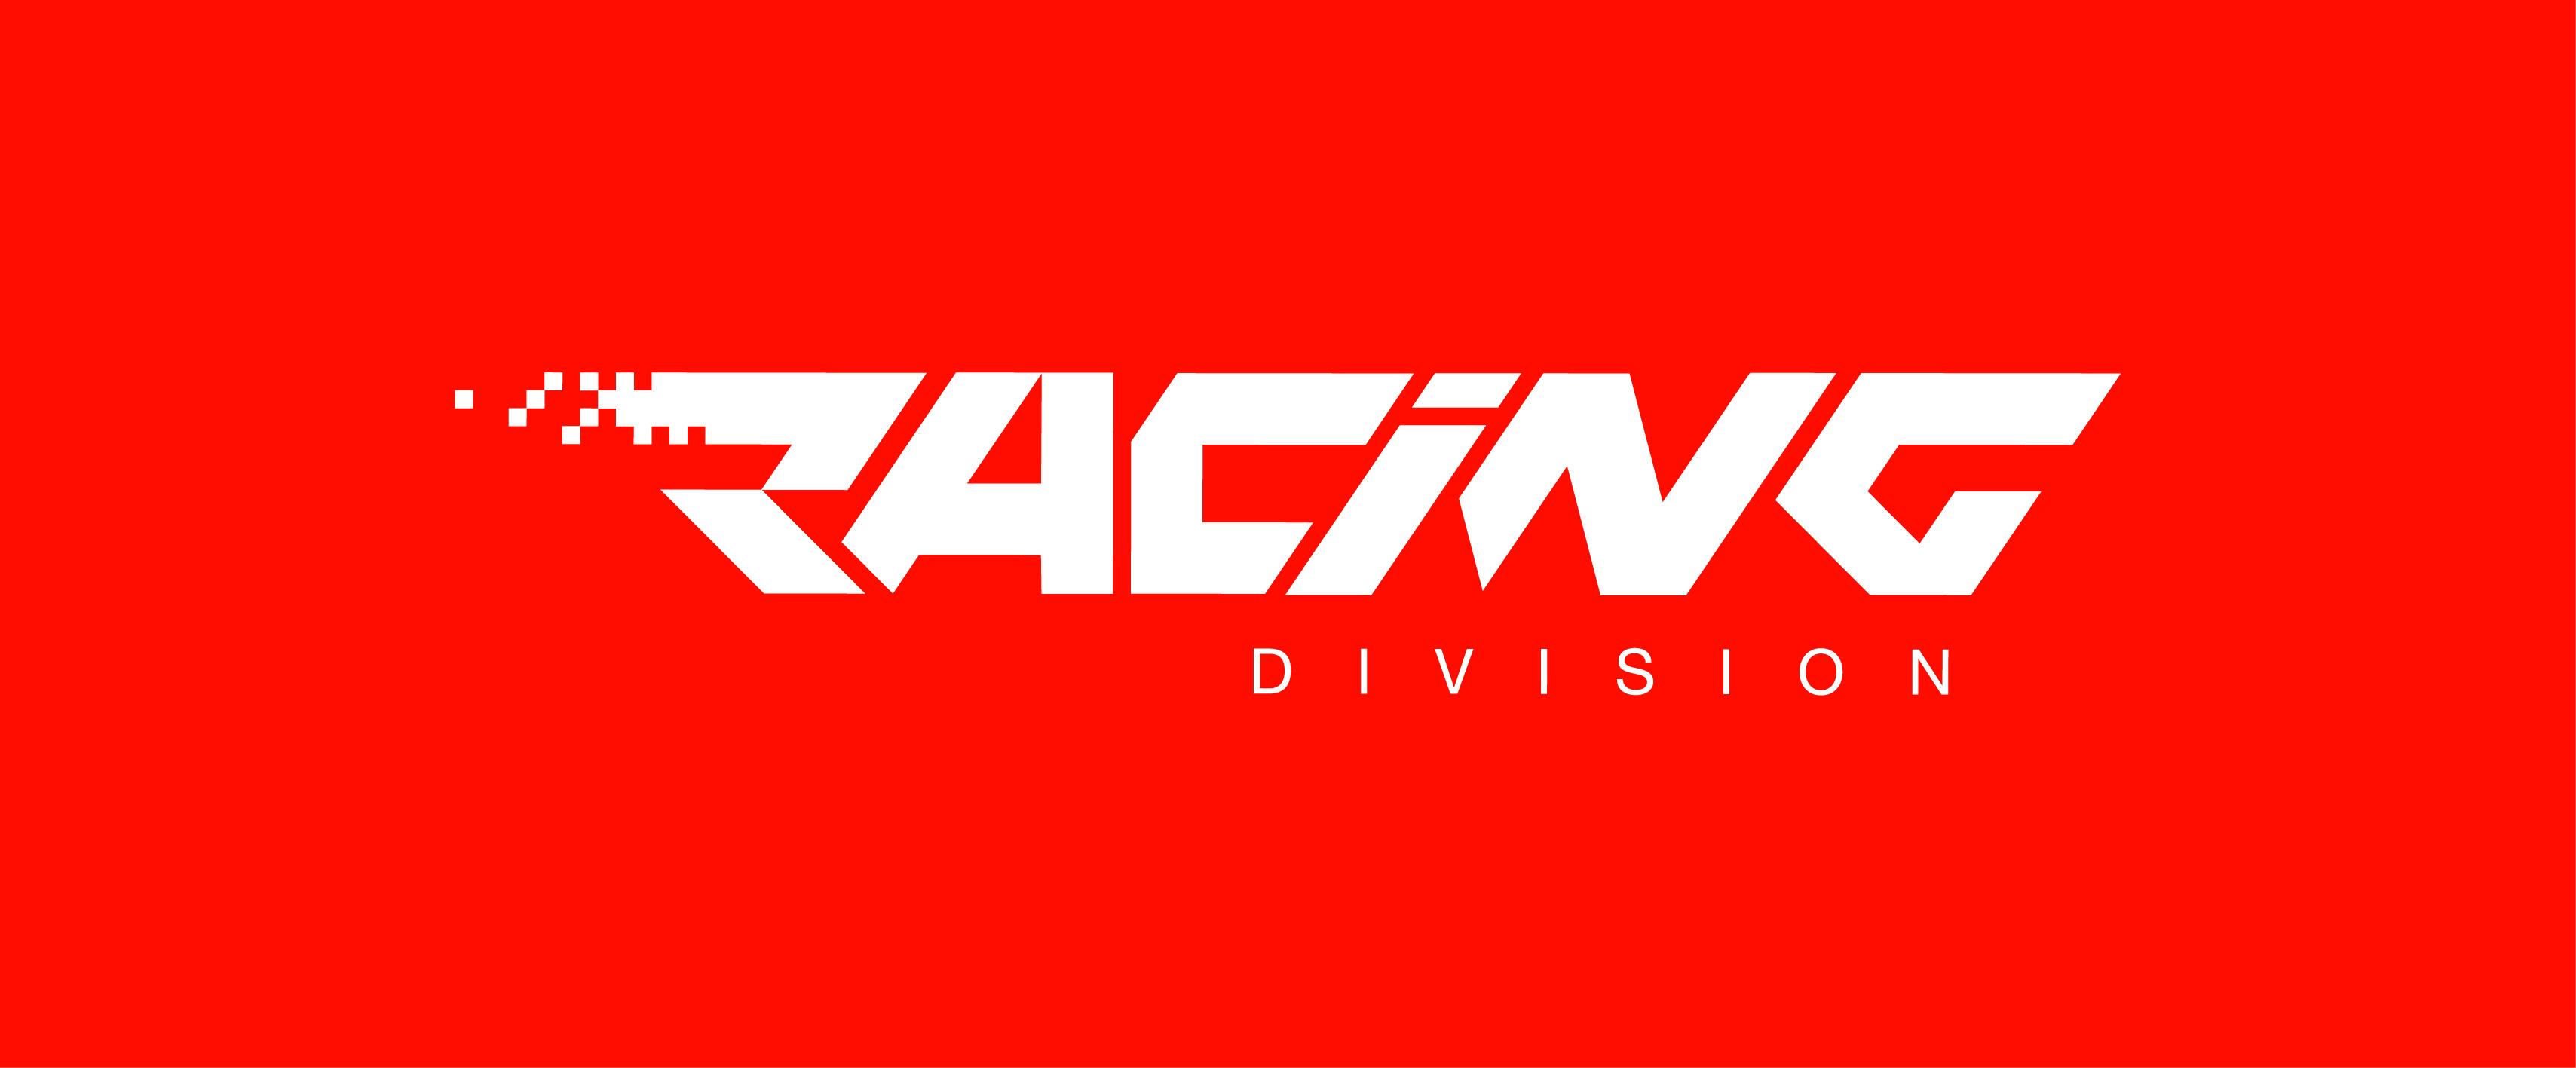 Racing Division